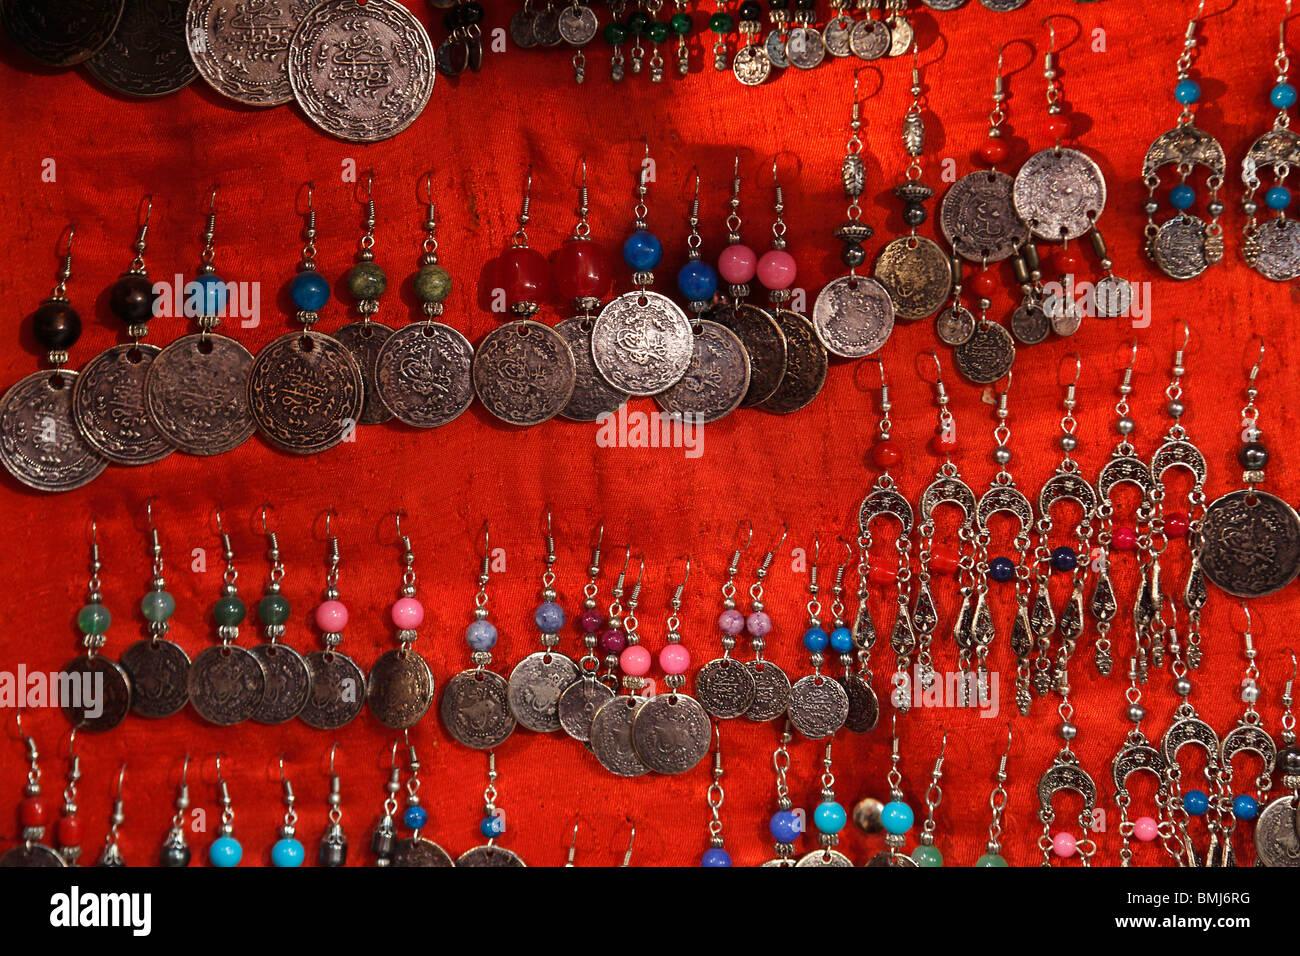 Israel,Jerusalem,Muslim Quarter,markets,Baazar - Stock Image